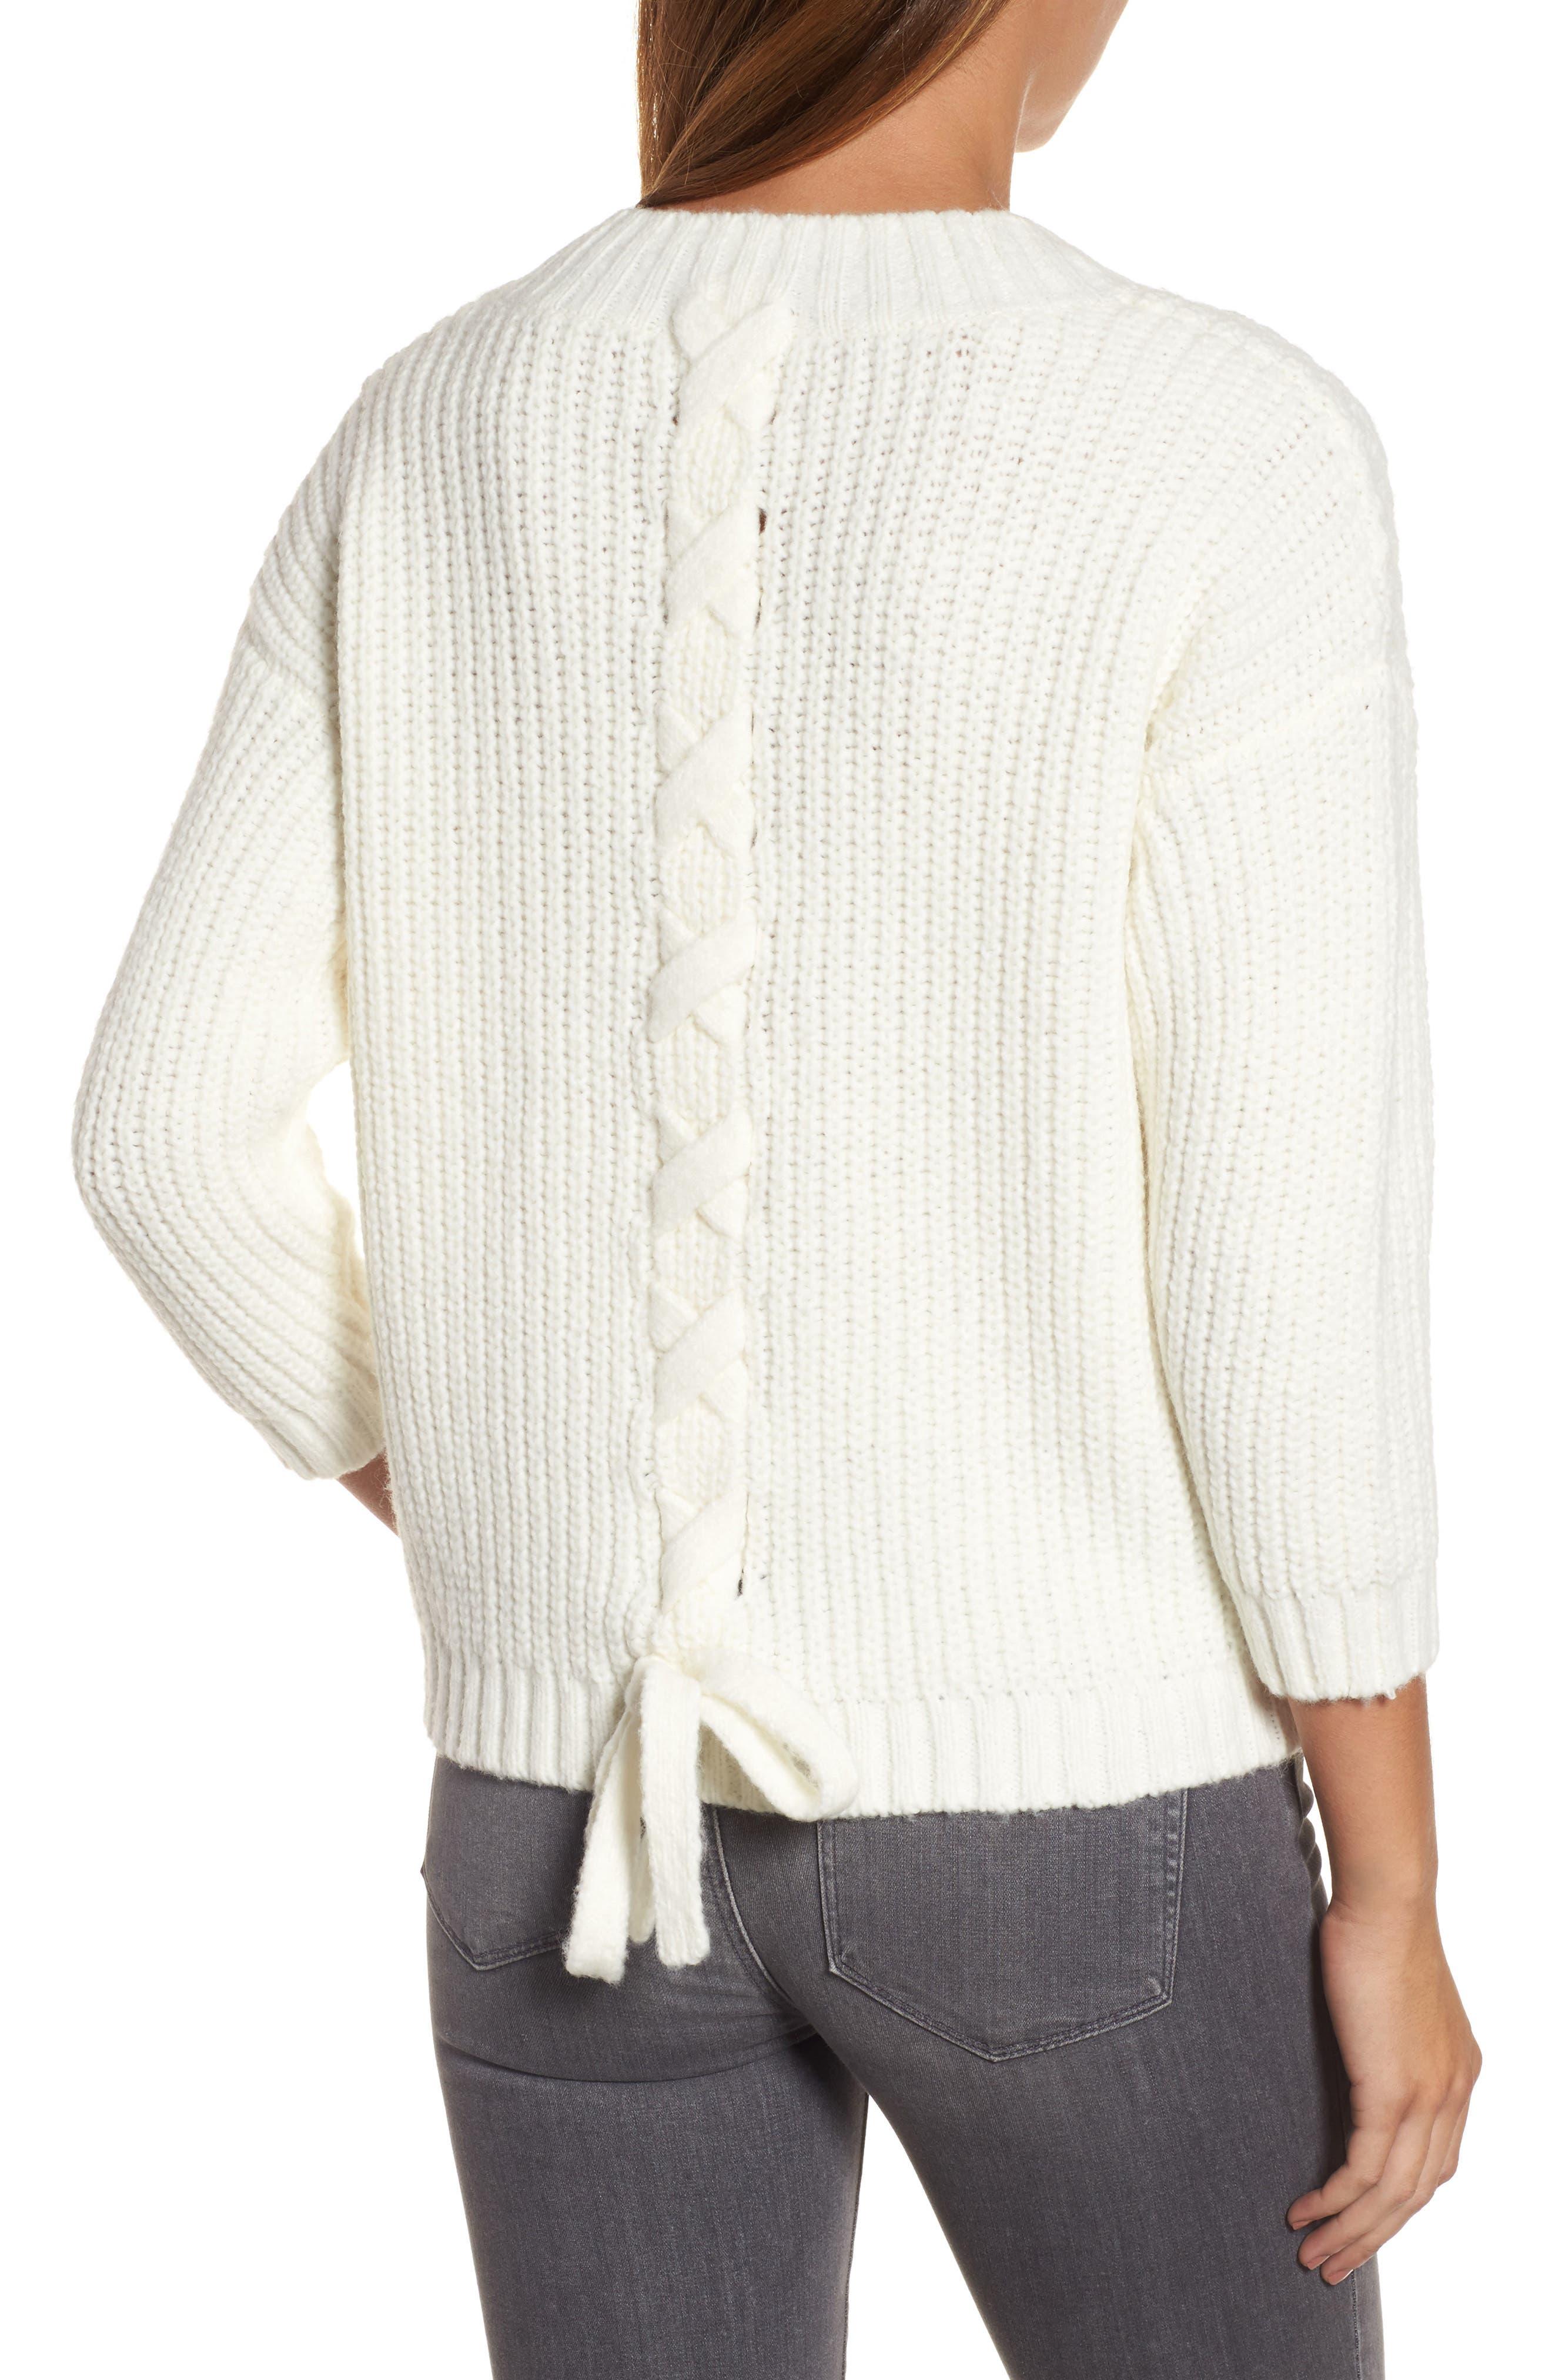 Alternate Image 2  - Press Lace Up Back V-Neck Sweater